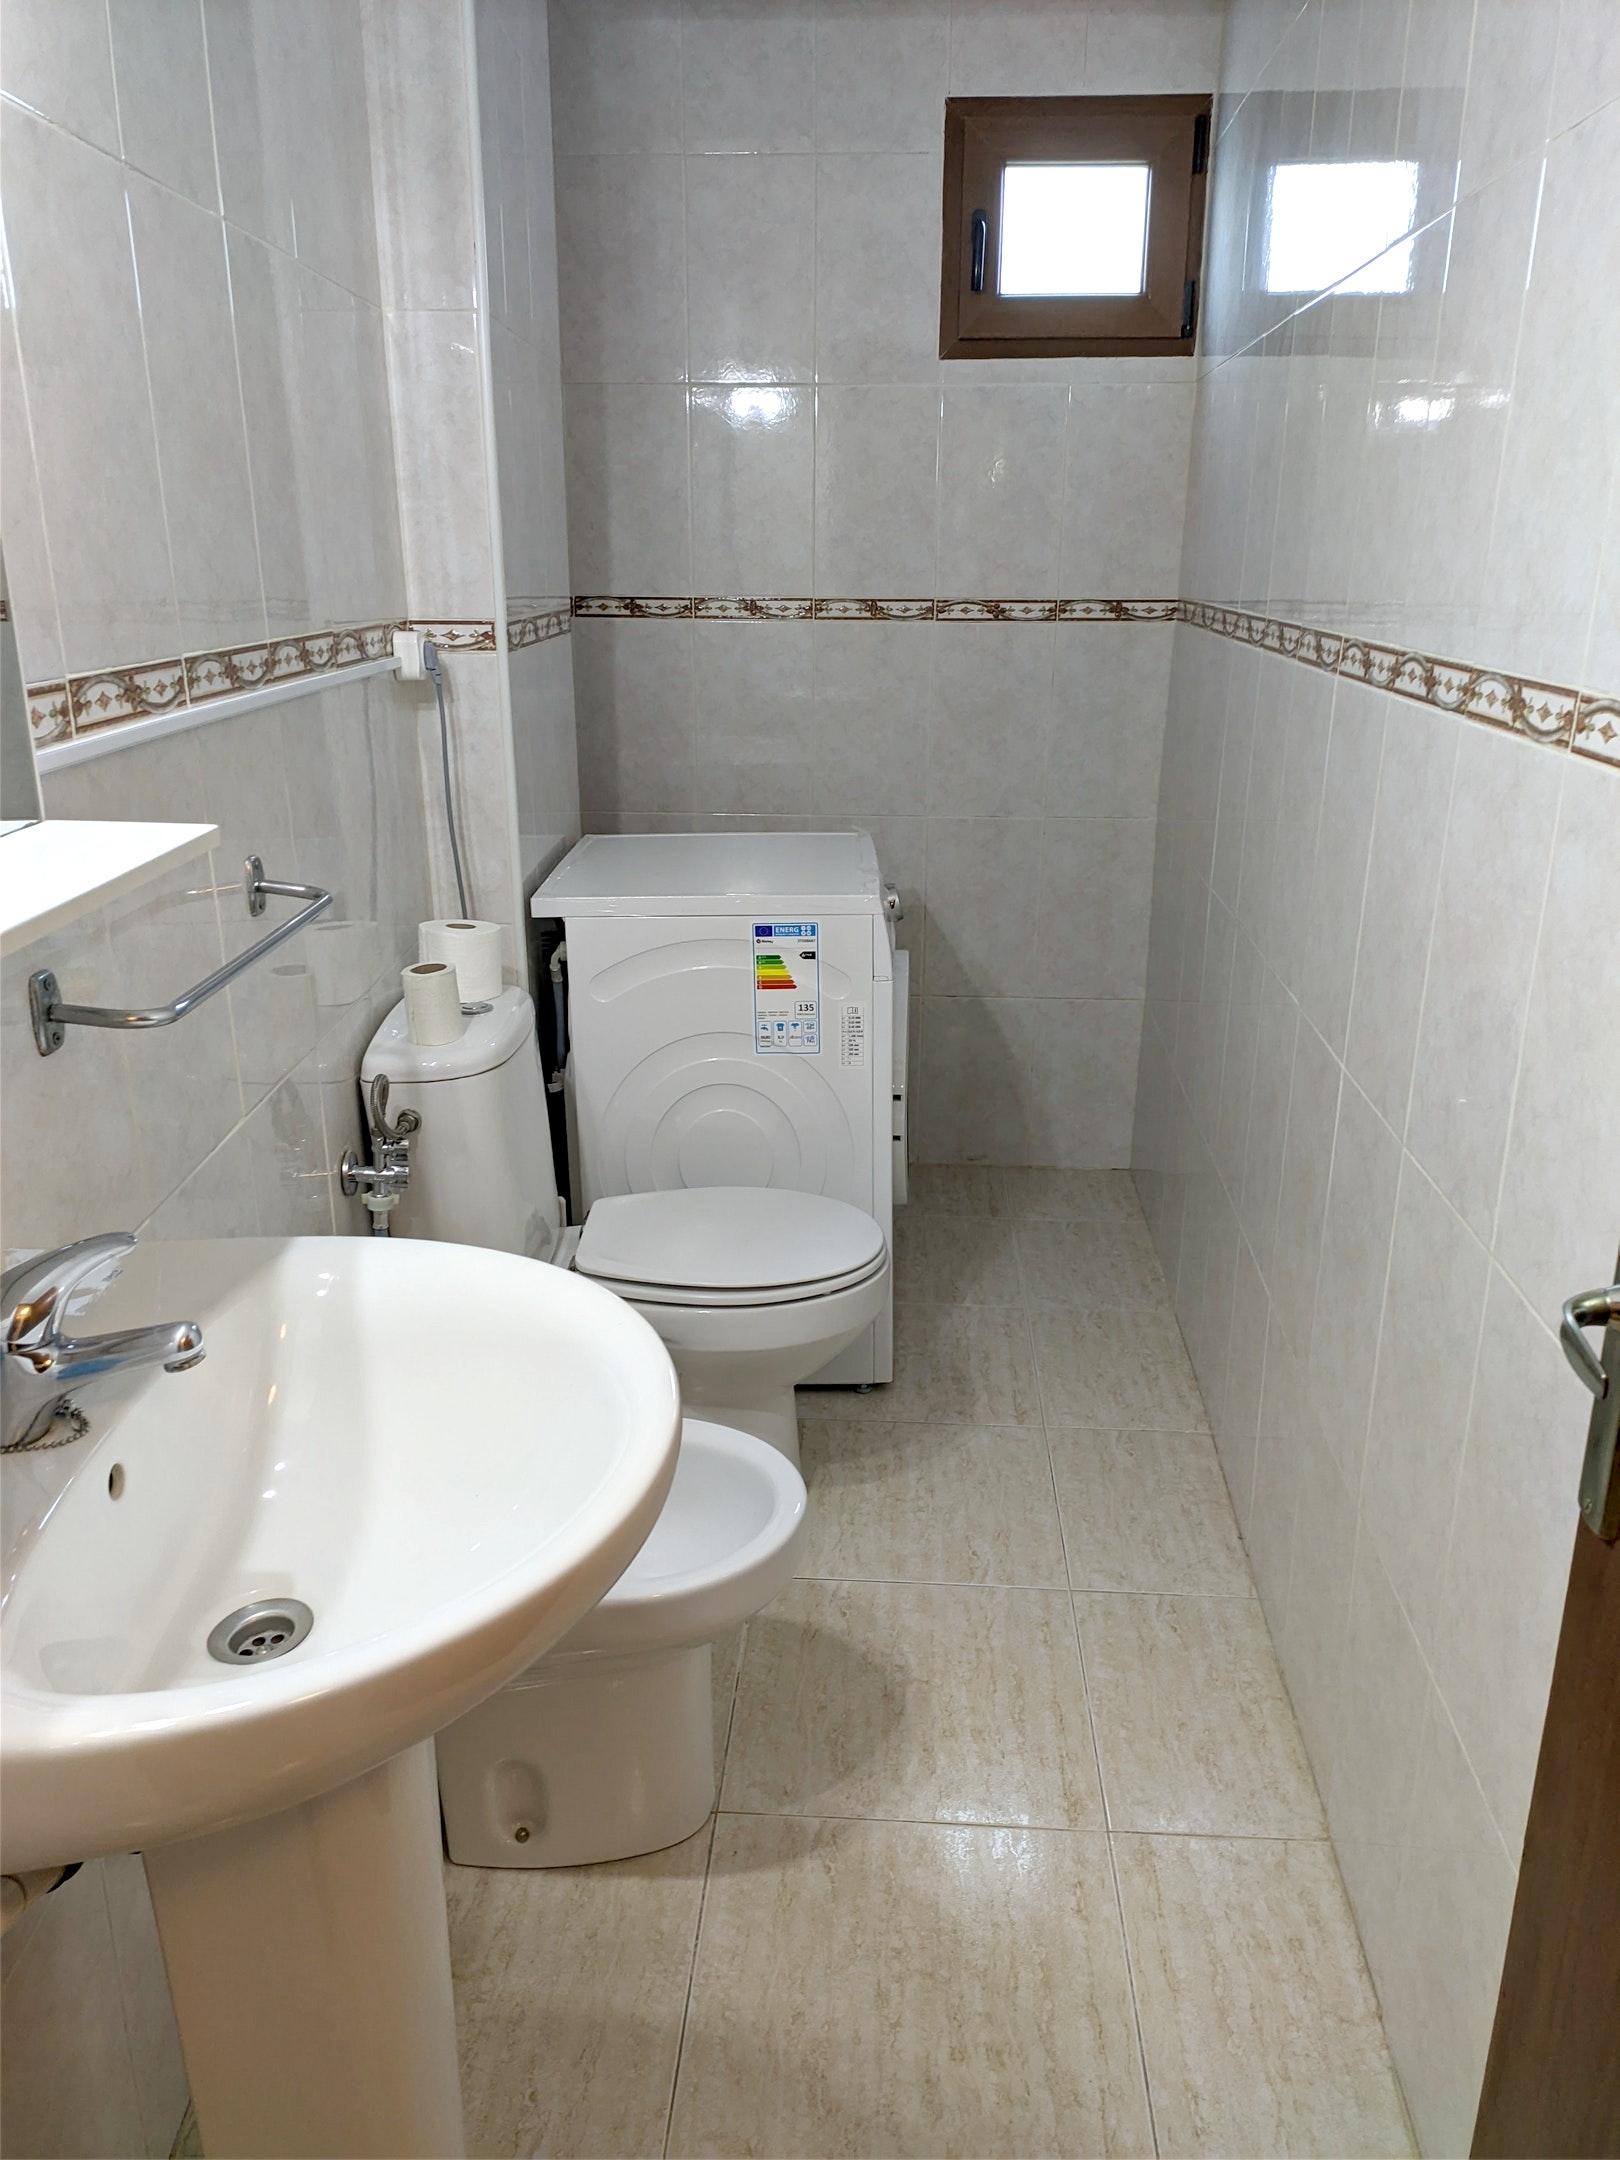 Ferienhaus Haus mit 3 Schlafzimmern in Montanejos mit toller Aussicht auf die Berge, Terrasse und W-L (2751376), Montanejos, Provinz Castellón, Valencia, Spanien, Bild 18